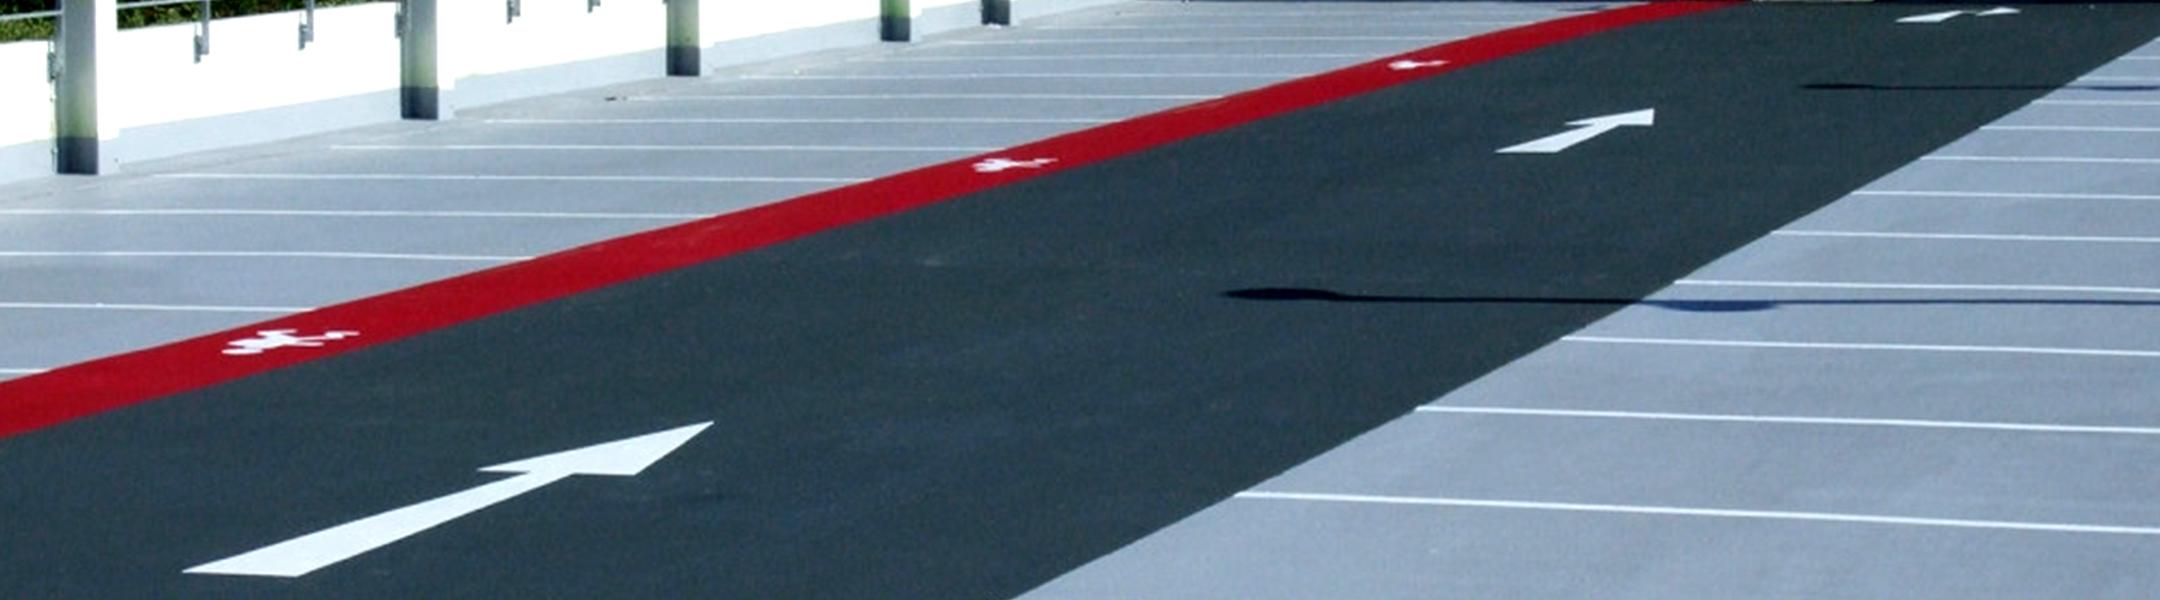 pavimentazioni in resina parcheggi autorimesse